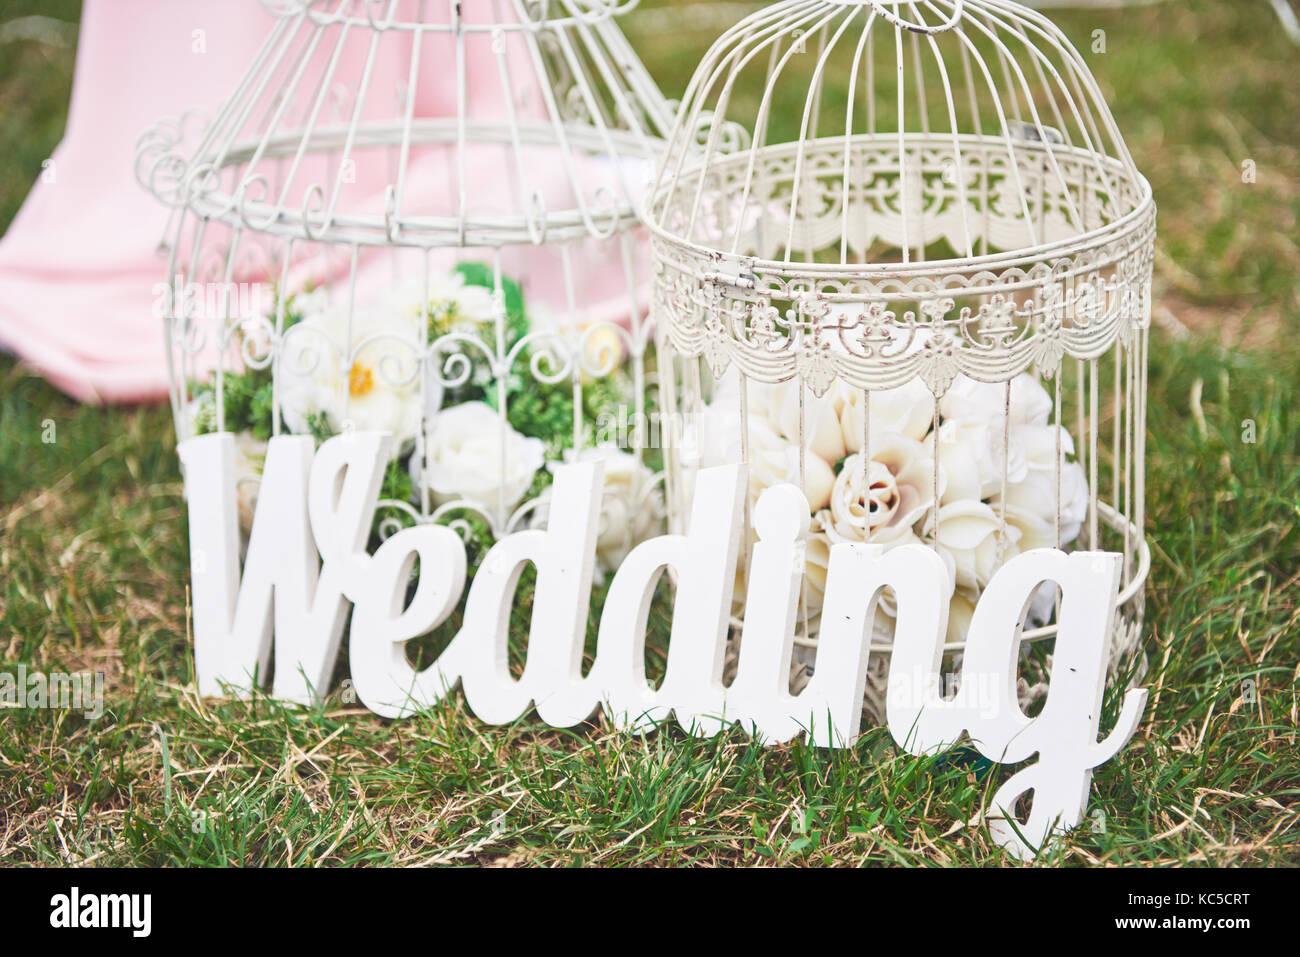 Holz handgefertigt willkommen Hochzeitsdekoration Stockbild